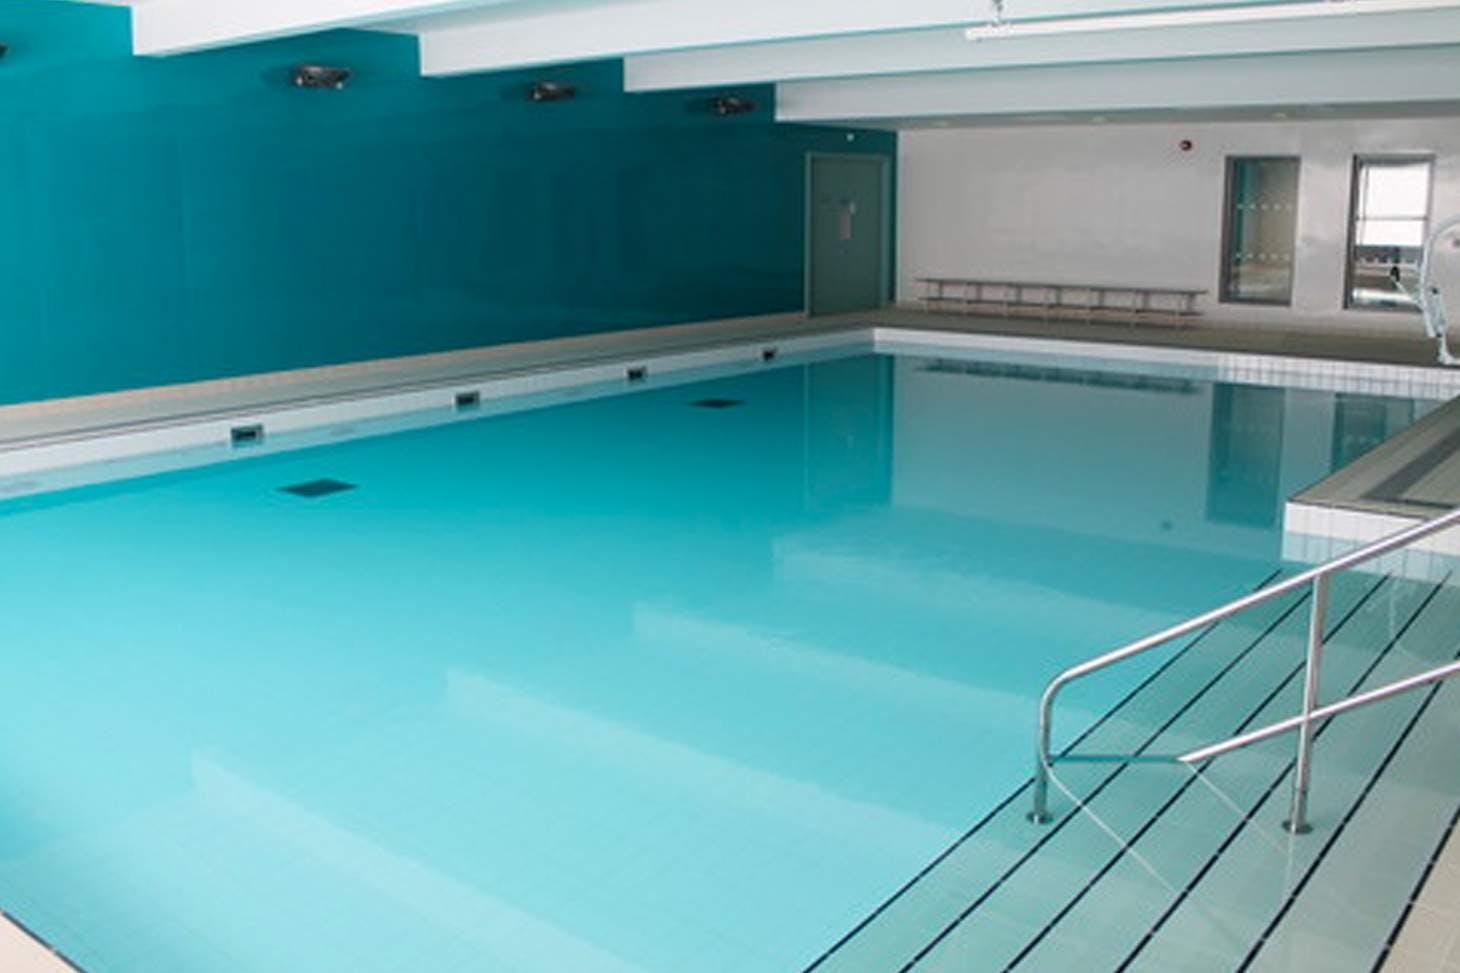 Oaklands School Indoor swimming pool